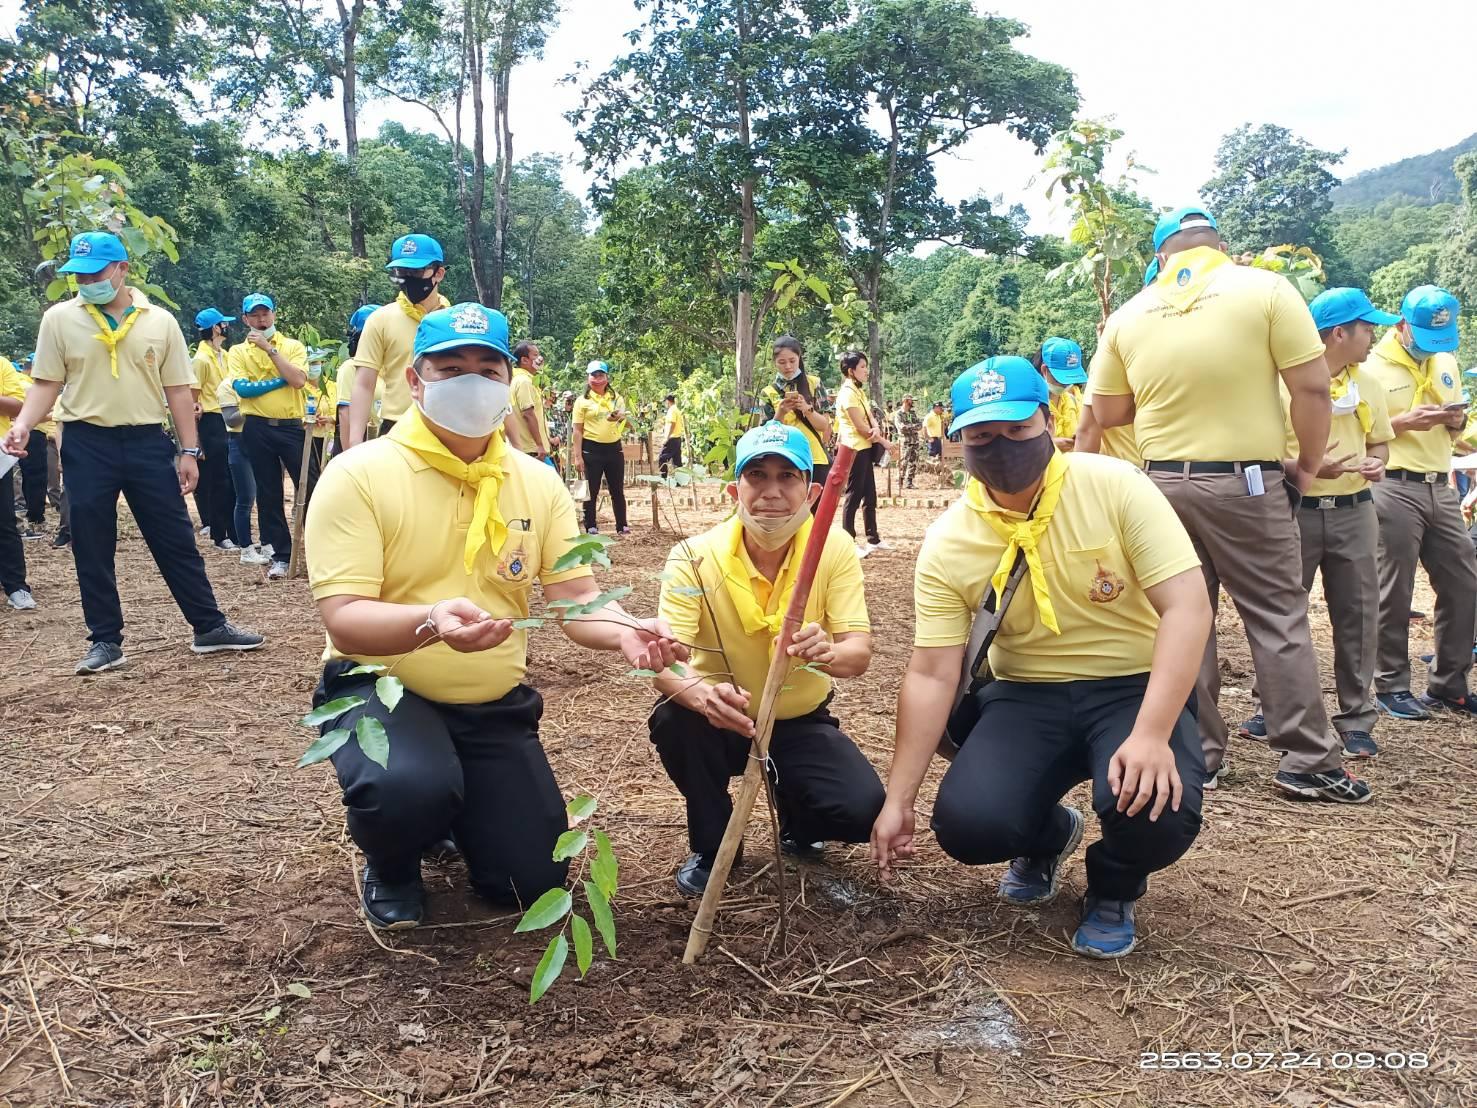 จัดหางานเชียงใหม่ ร่วมกิจกรรมโครงการปลูกป่าและป้องกันไฟป่า ณ อุทยานแห่งชาติน้ำตกบัวตอง-น้ำพุเจ็ดสี